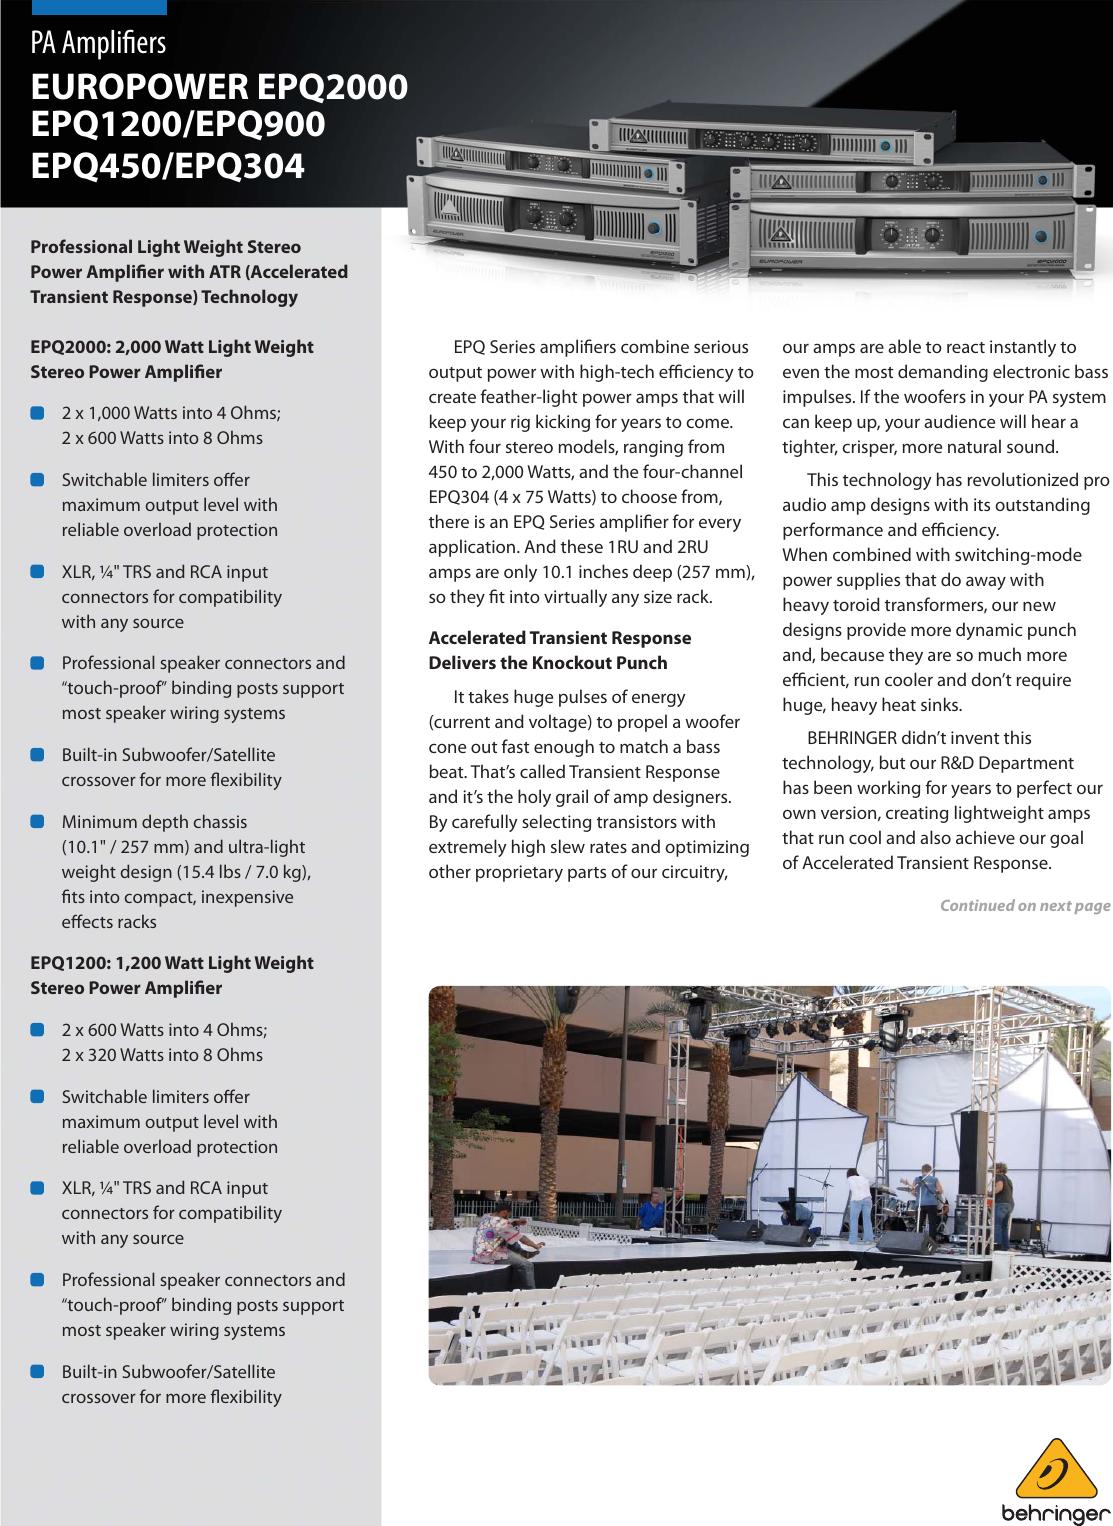 Behringer Europower Epq1200 Brochure Loudspeaker Protection And Muting Epq2000 Epq900 Epq450 Epq304